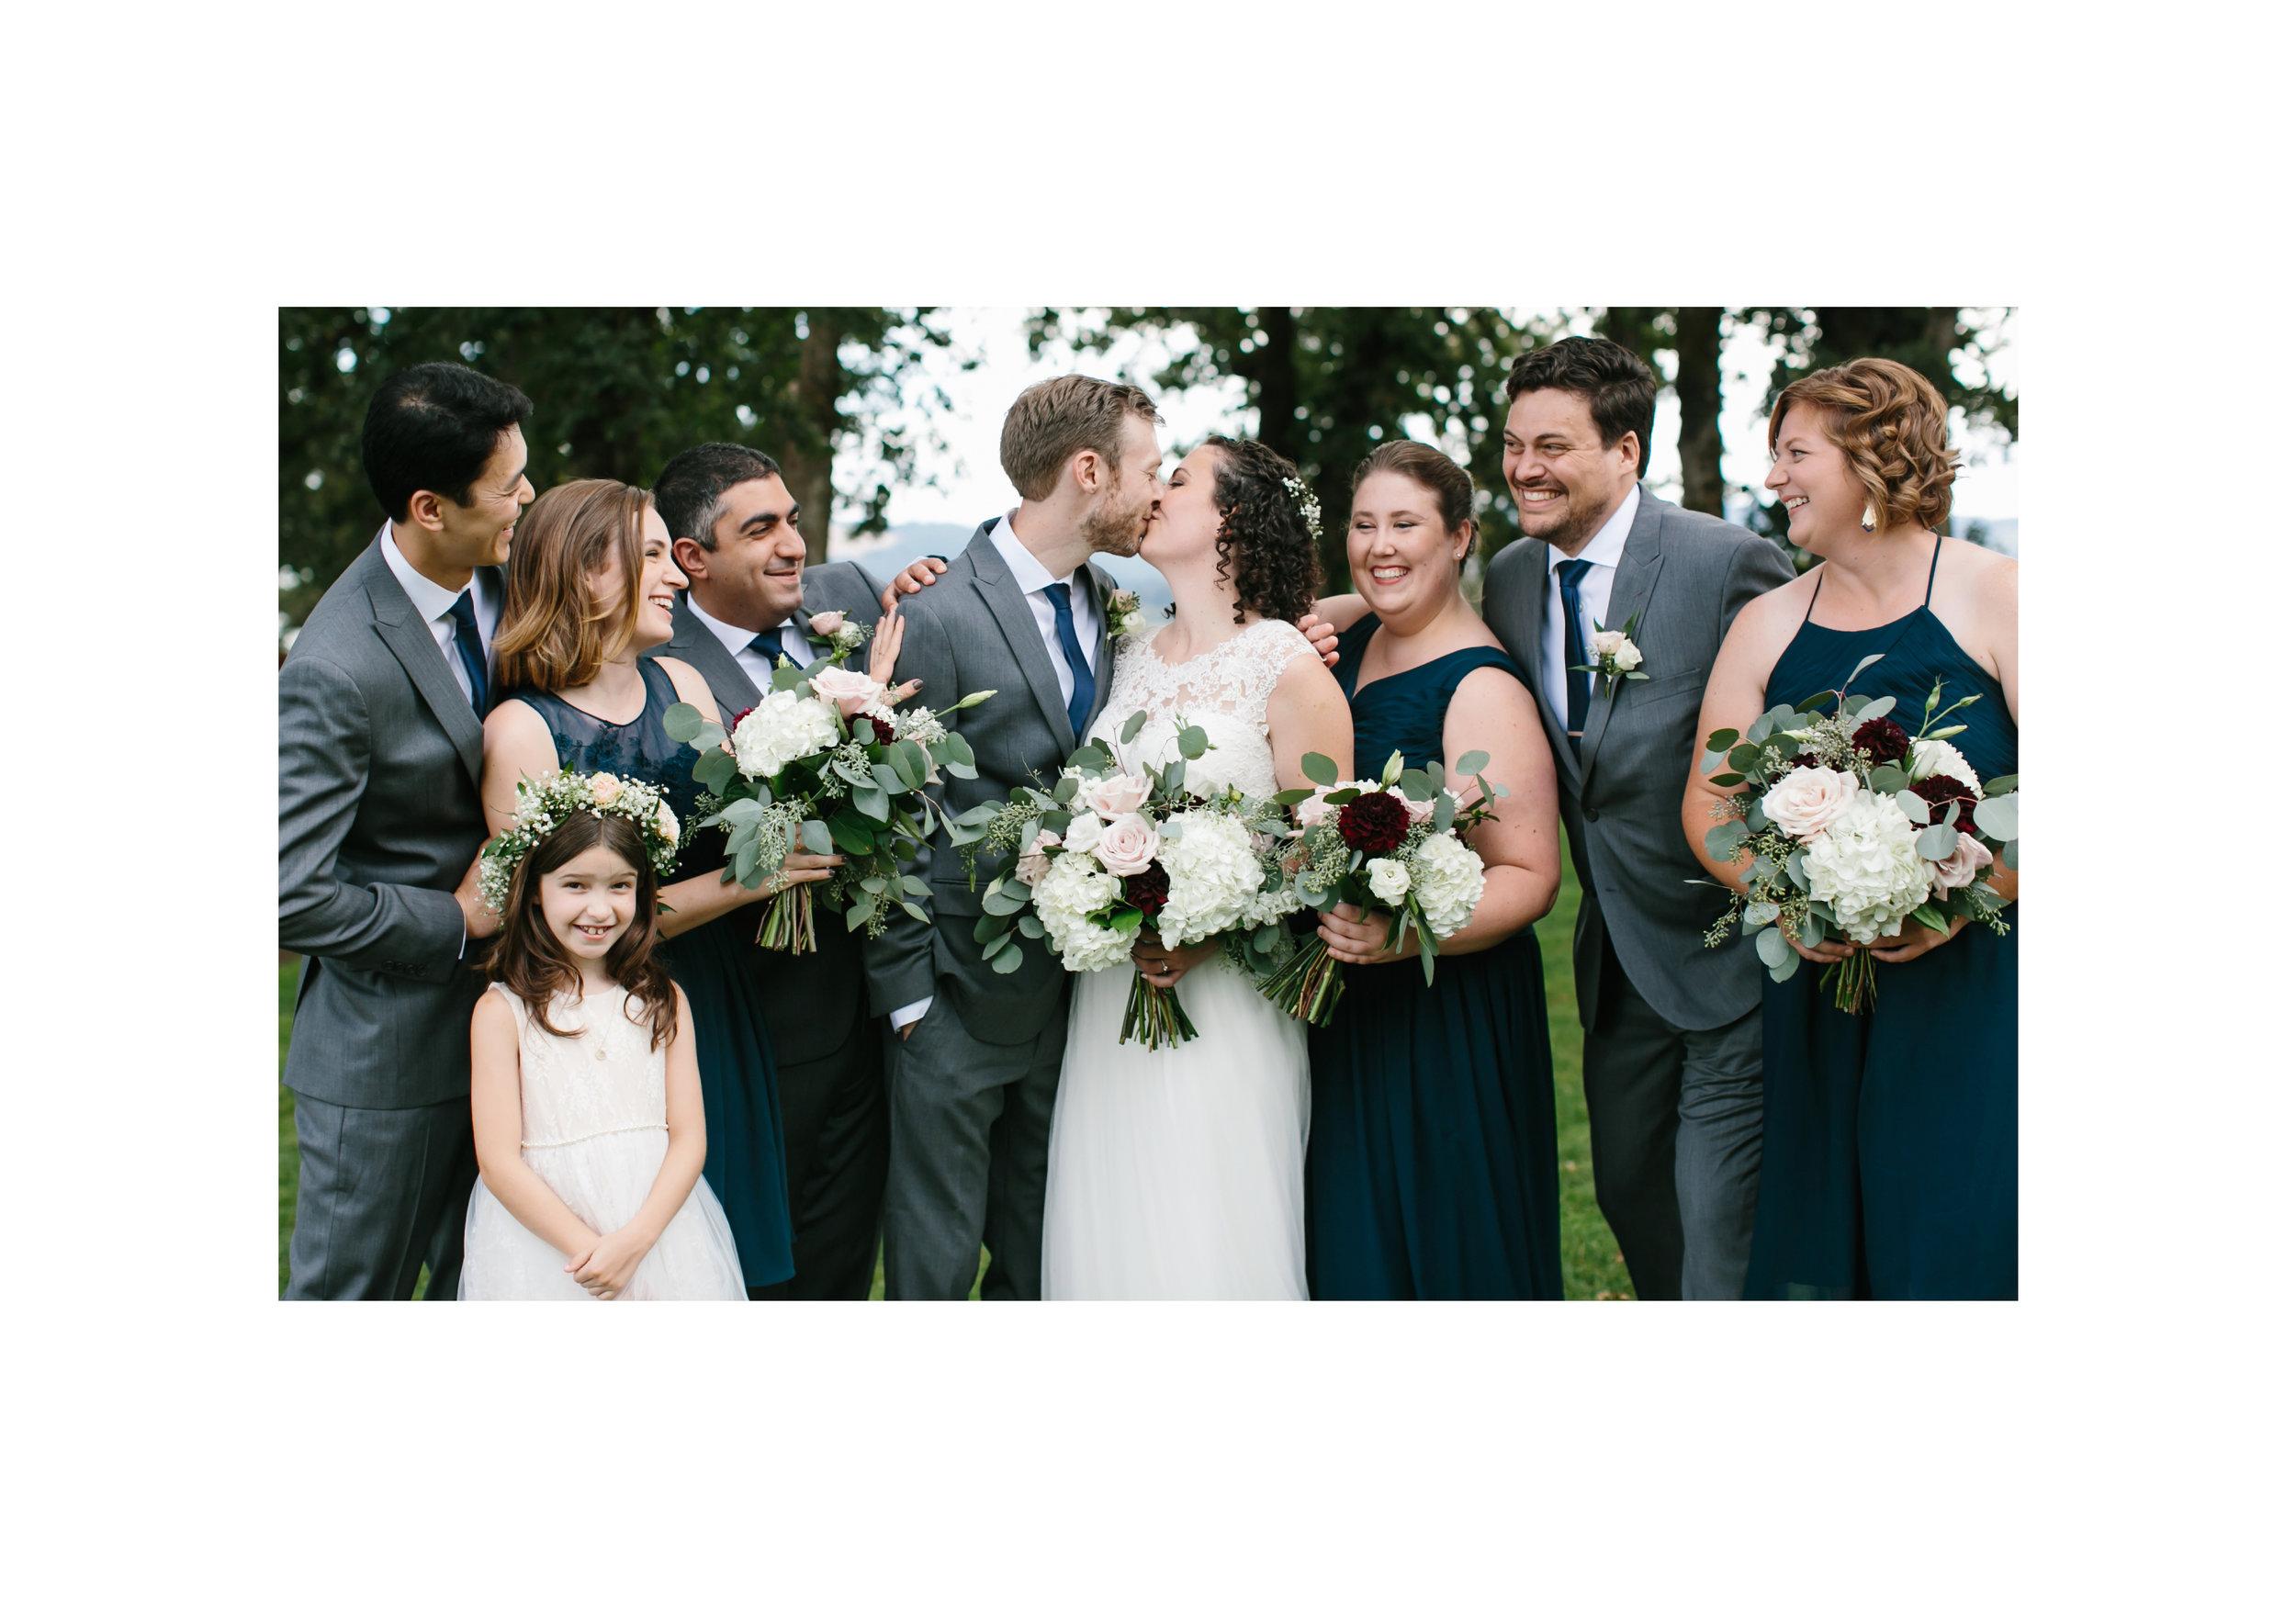 scholls-valley-lodge-wedding-photographer-ashley-courter0006.JPG